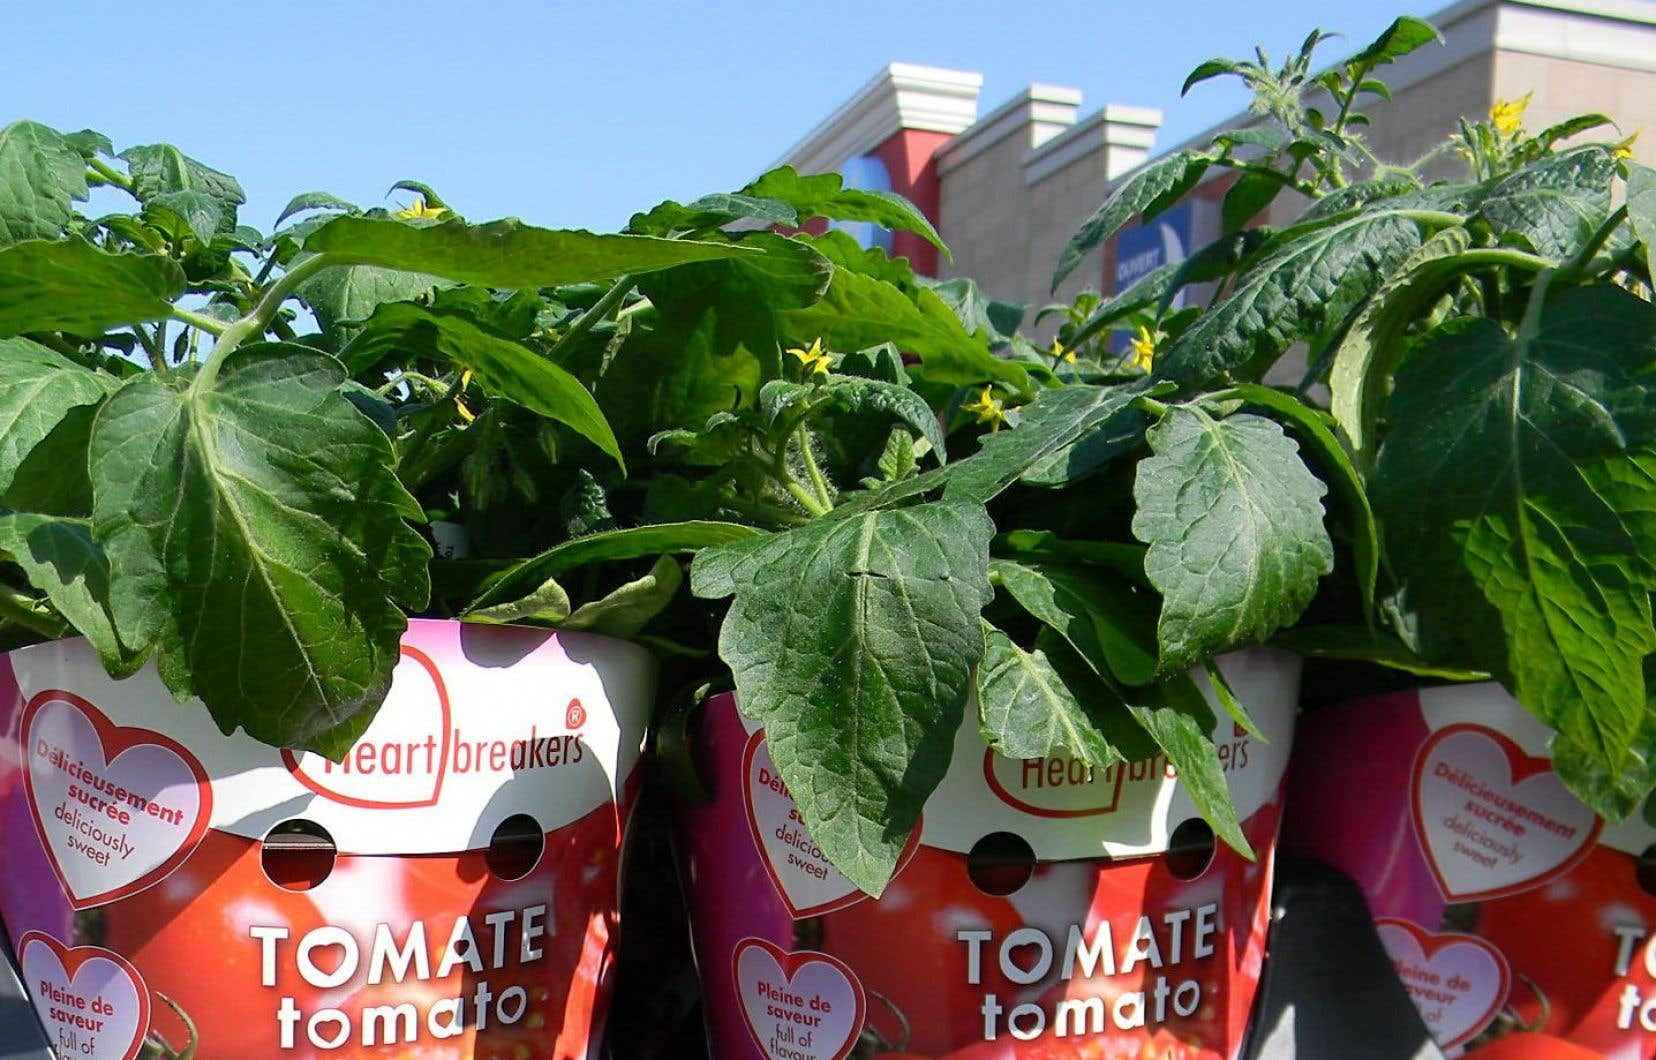 Planter Des Tomates En Pot cultiver ses tomates | le devoir